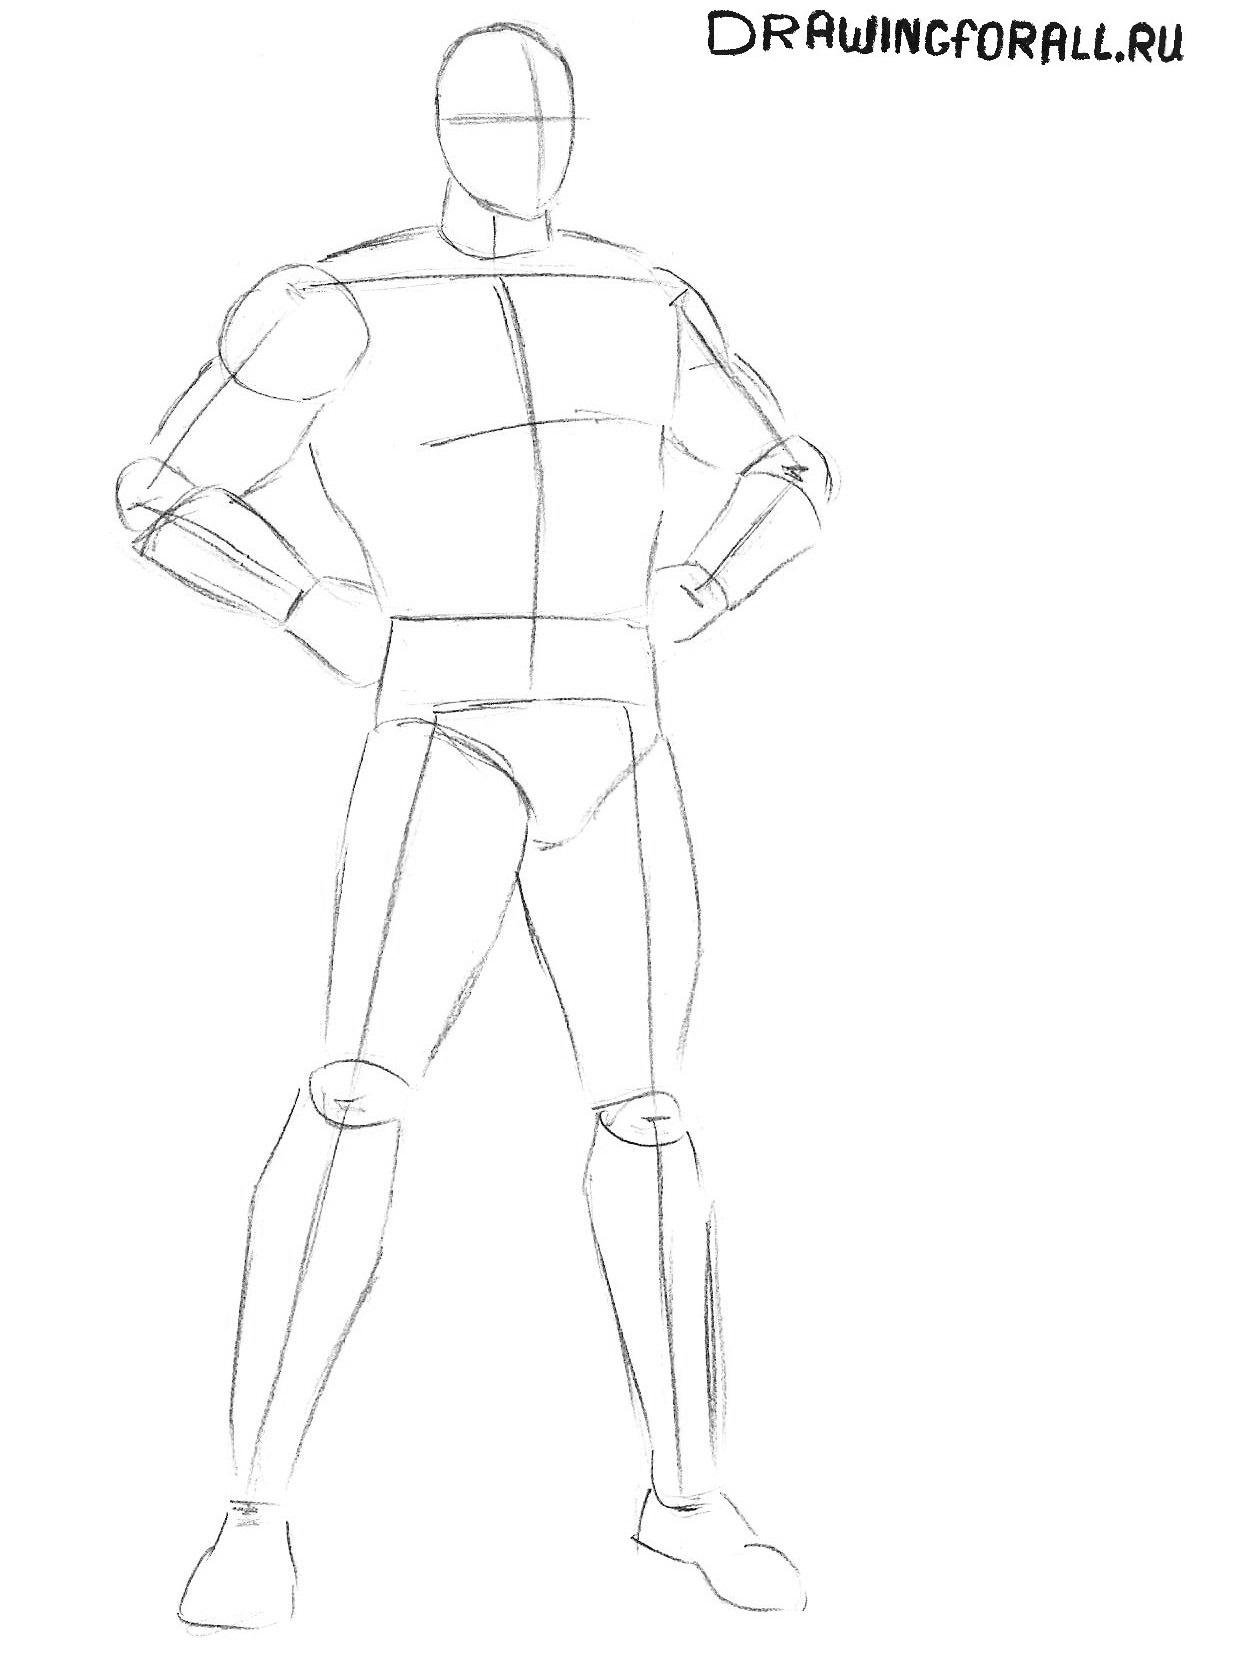 Как нарисовать Супермена карандашом